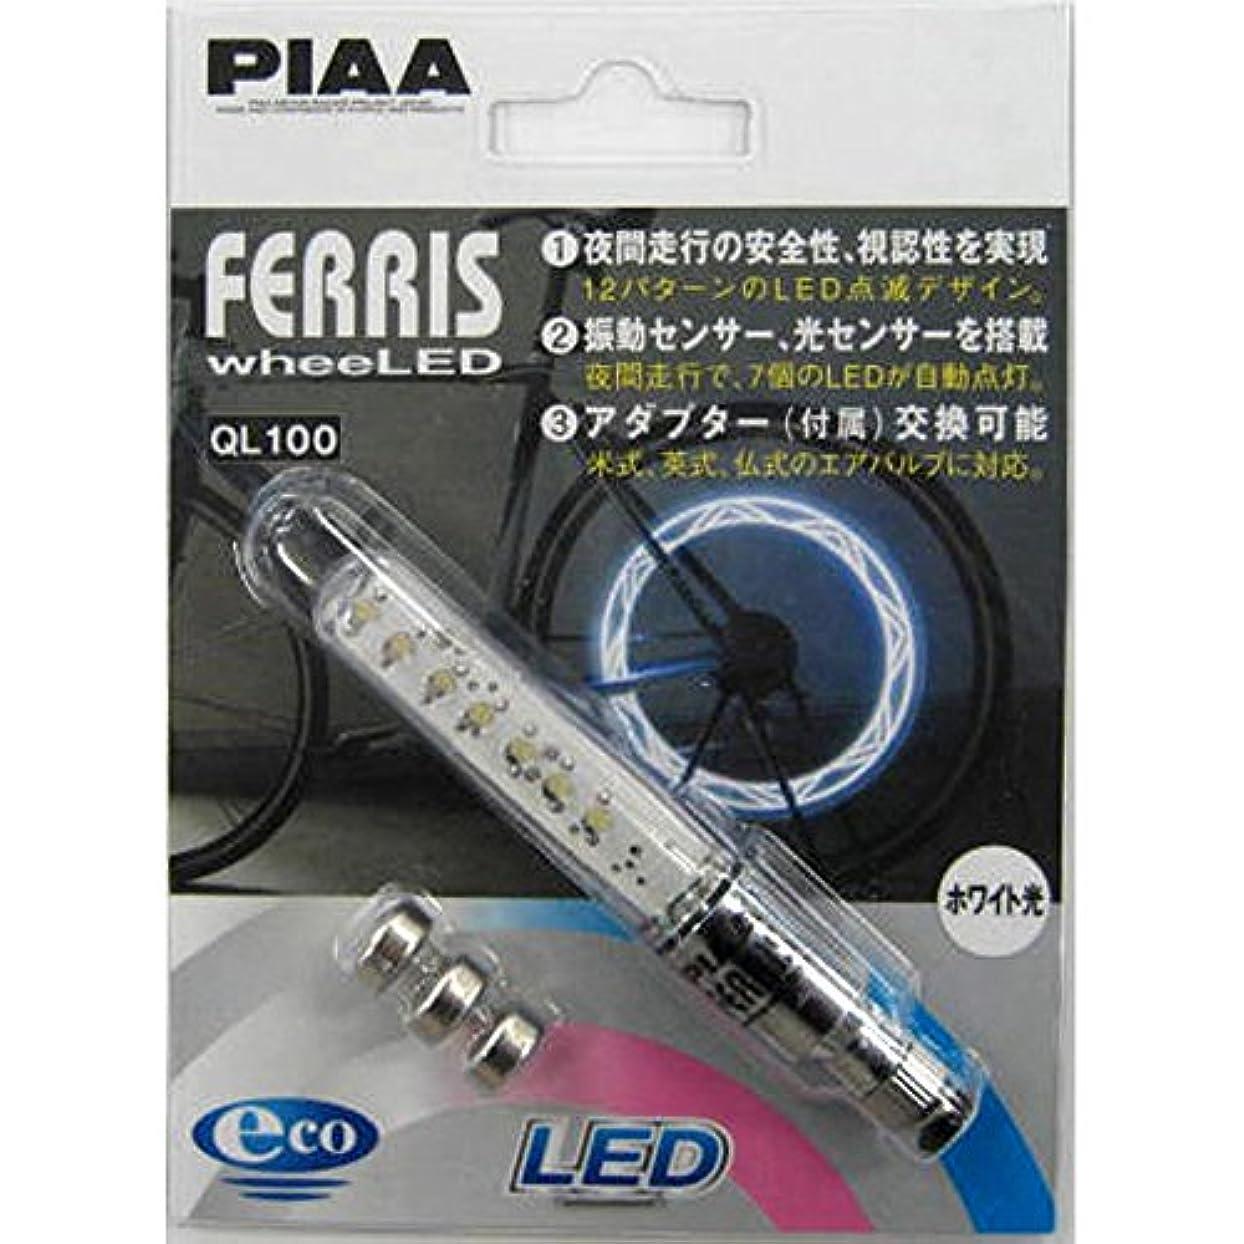 不十分なペレットネックレットPIAA(ピア) FERRIS ホイールLED QL-100 英?米?仏式バルブ対応 ホワイト光